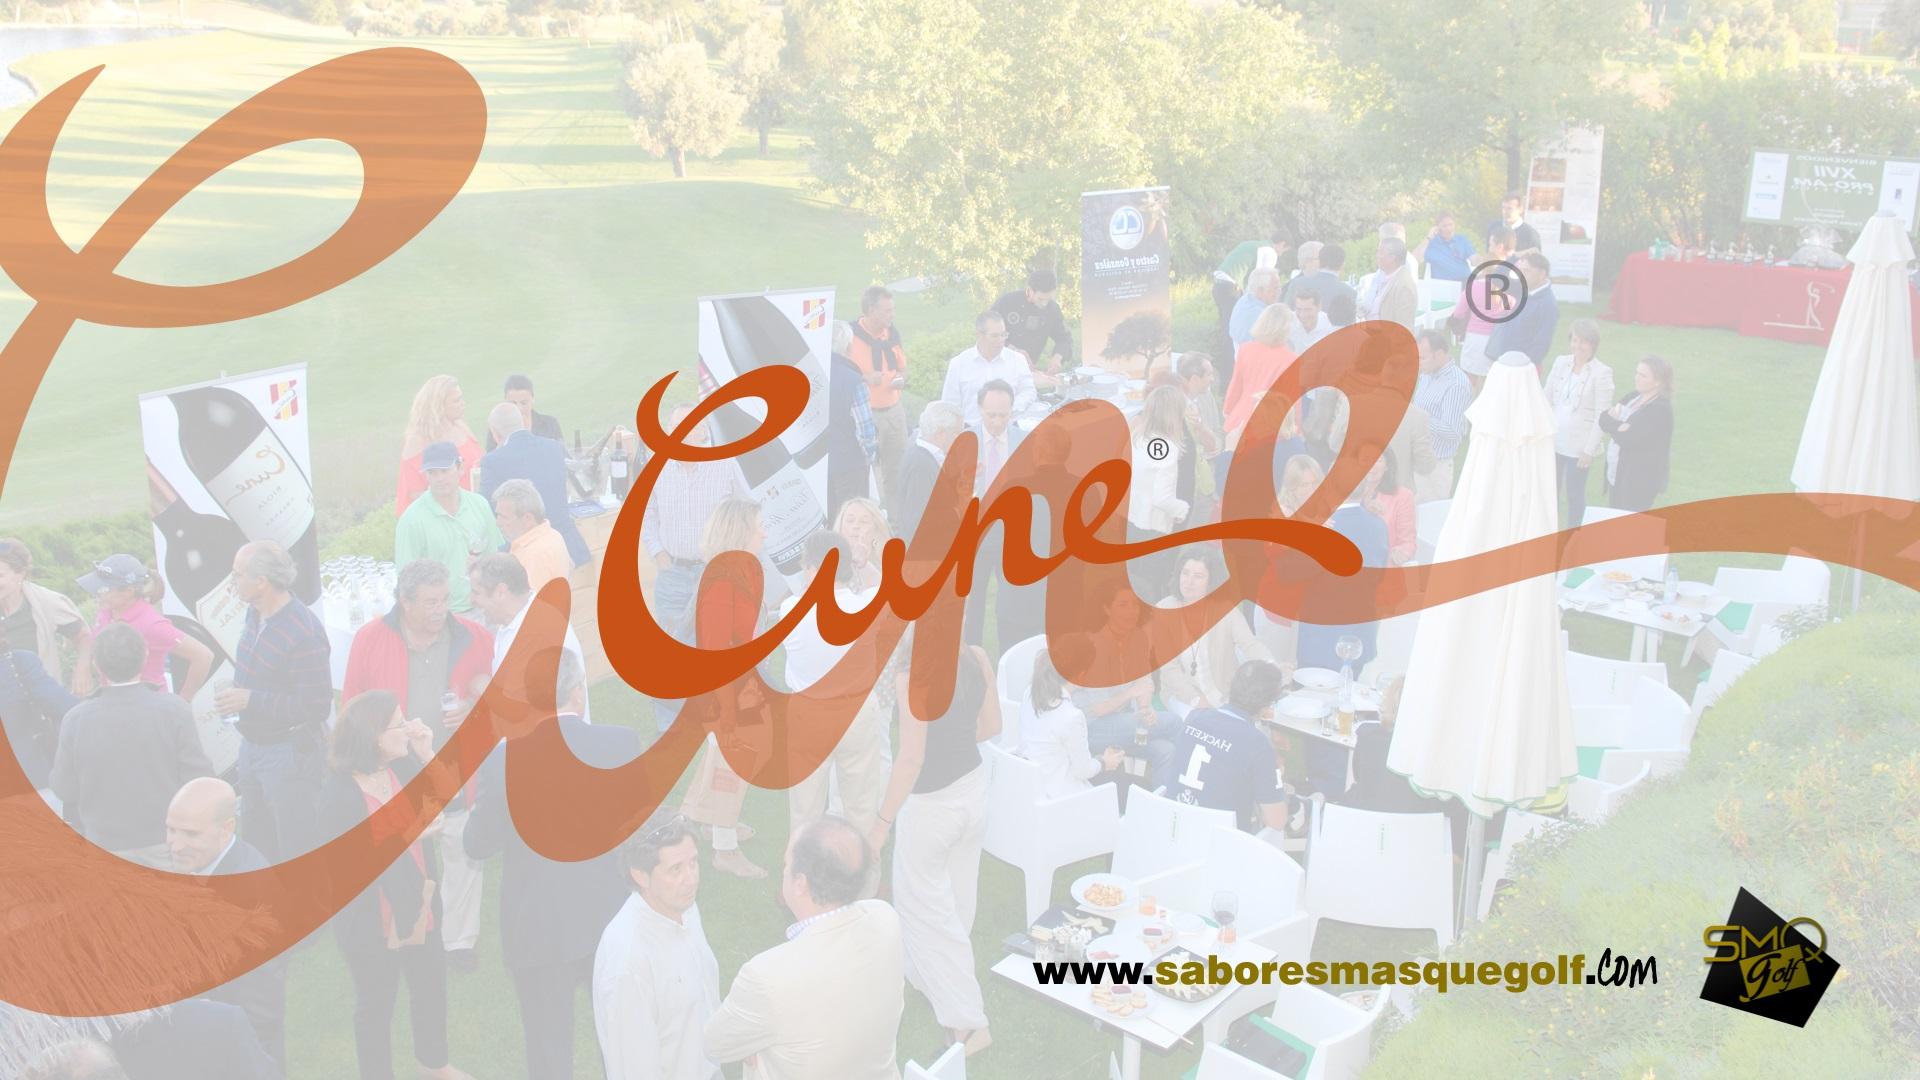 Vino Cune Rioja Eventos Sabores Mas que Golf 2